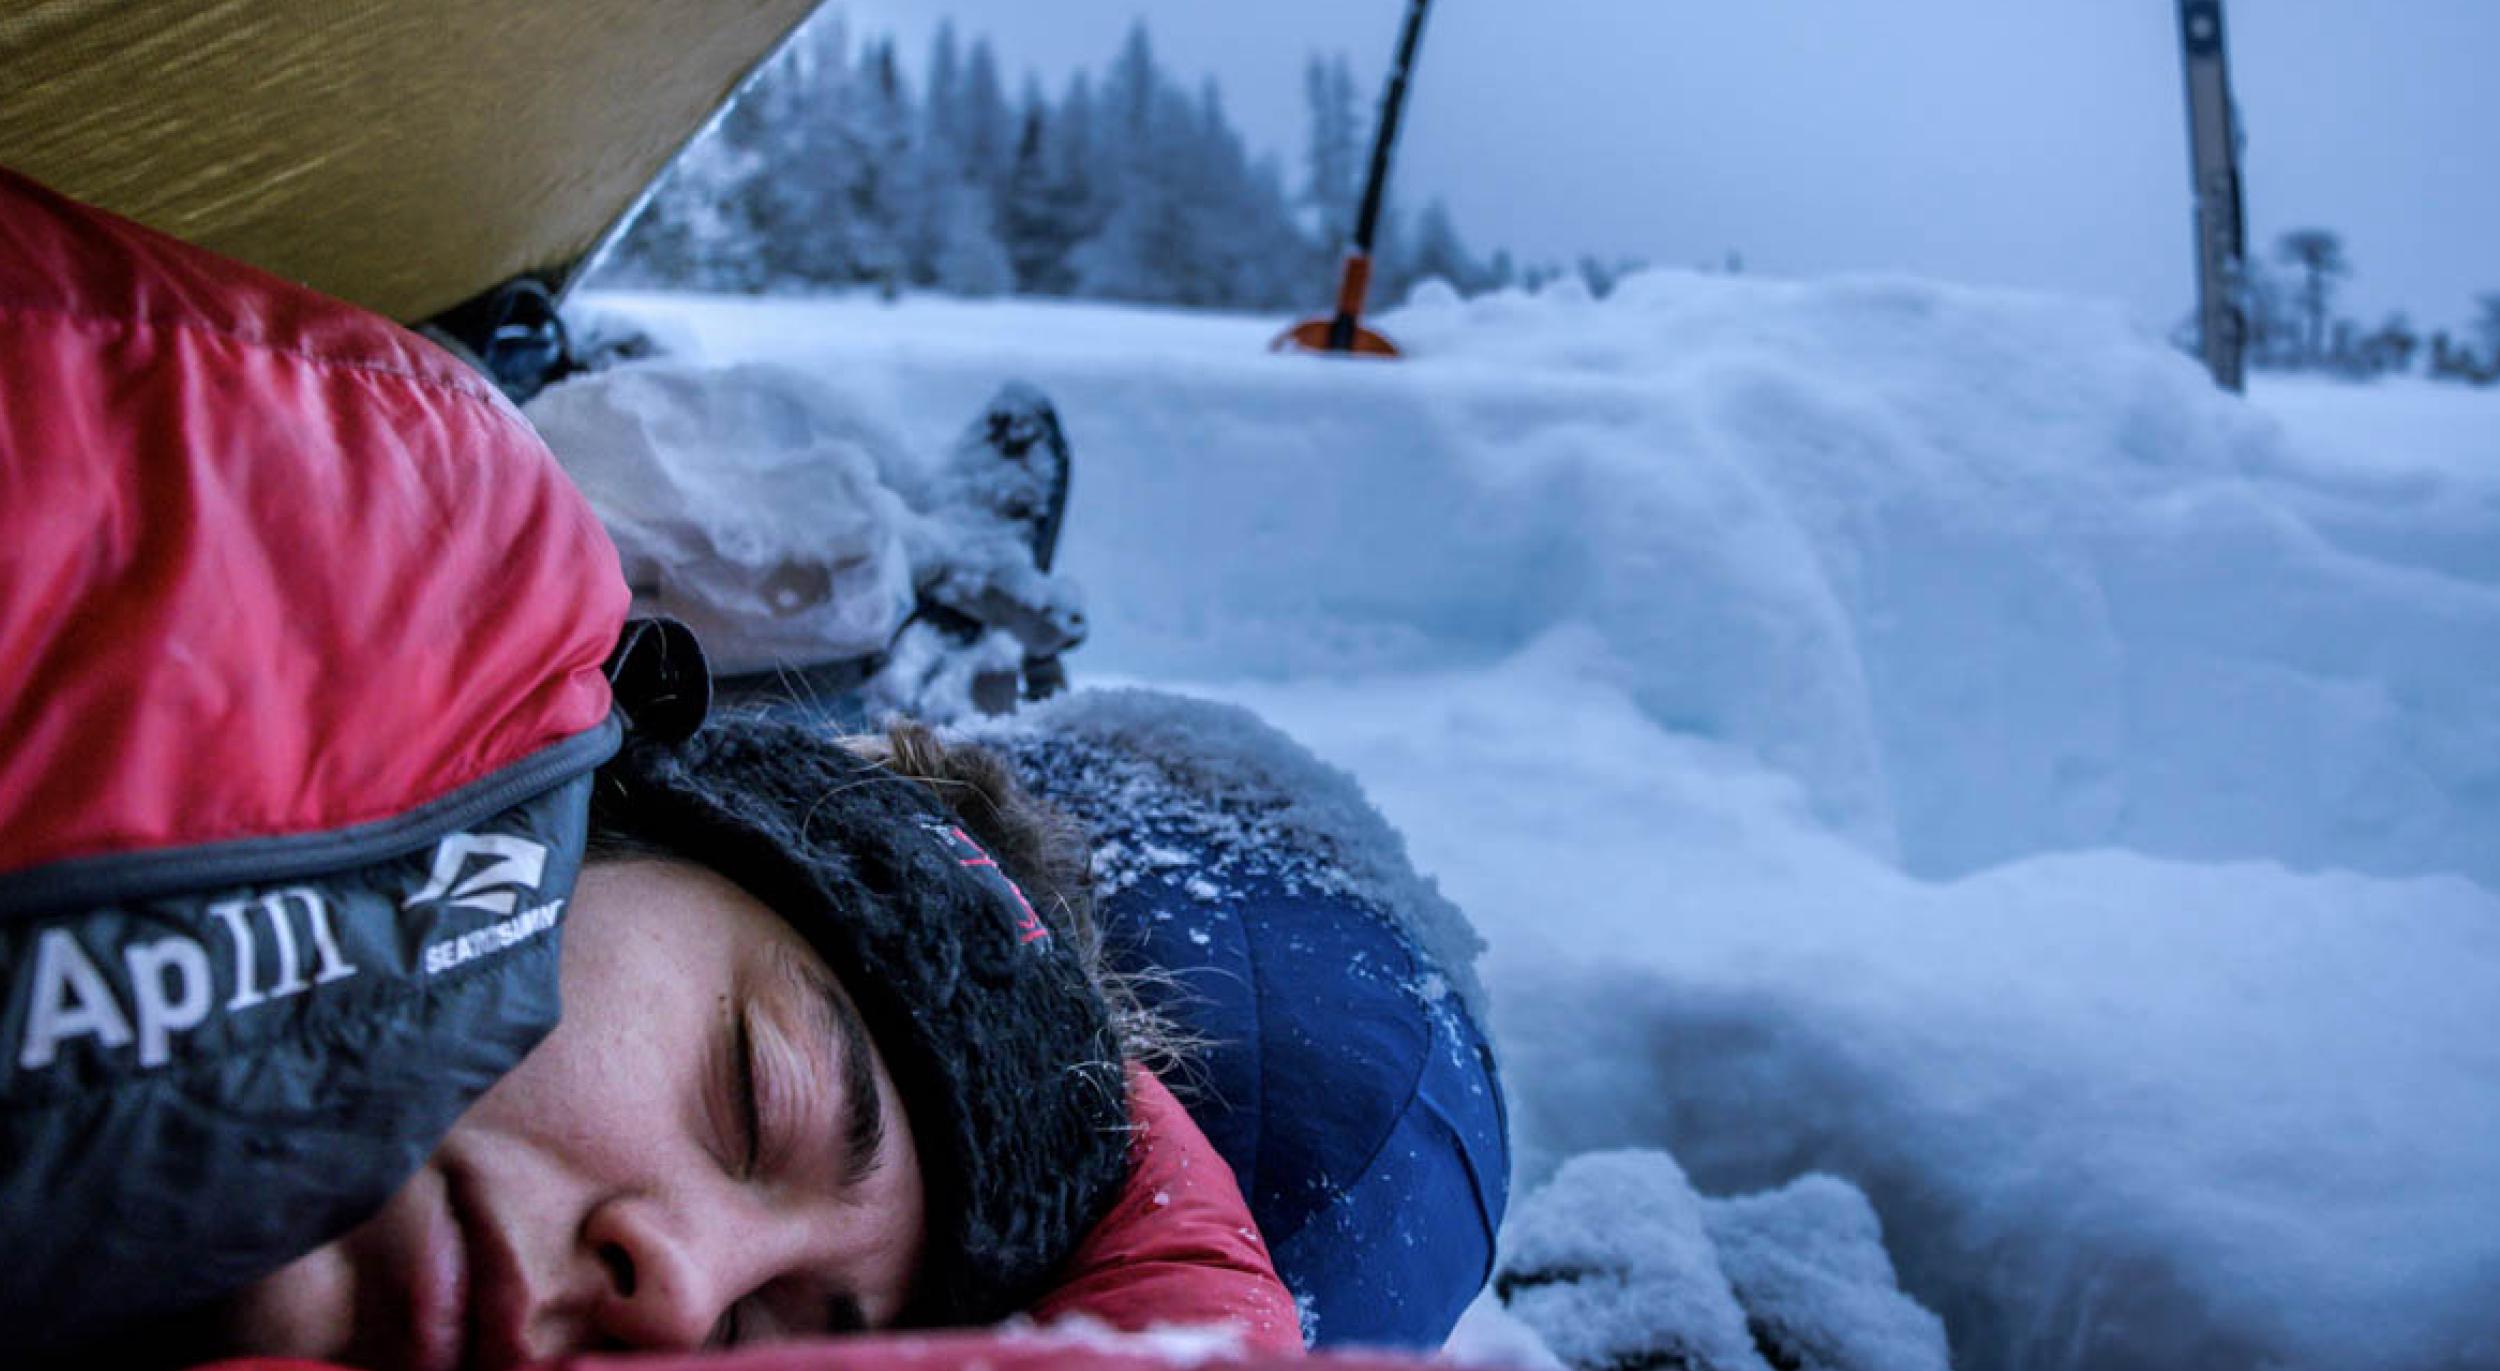 Acampar en invierno correctamente | Sea to Summit